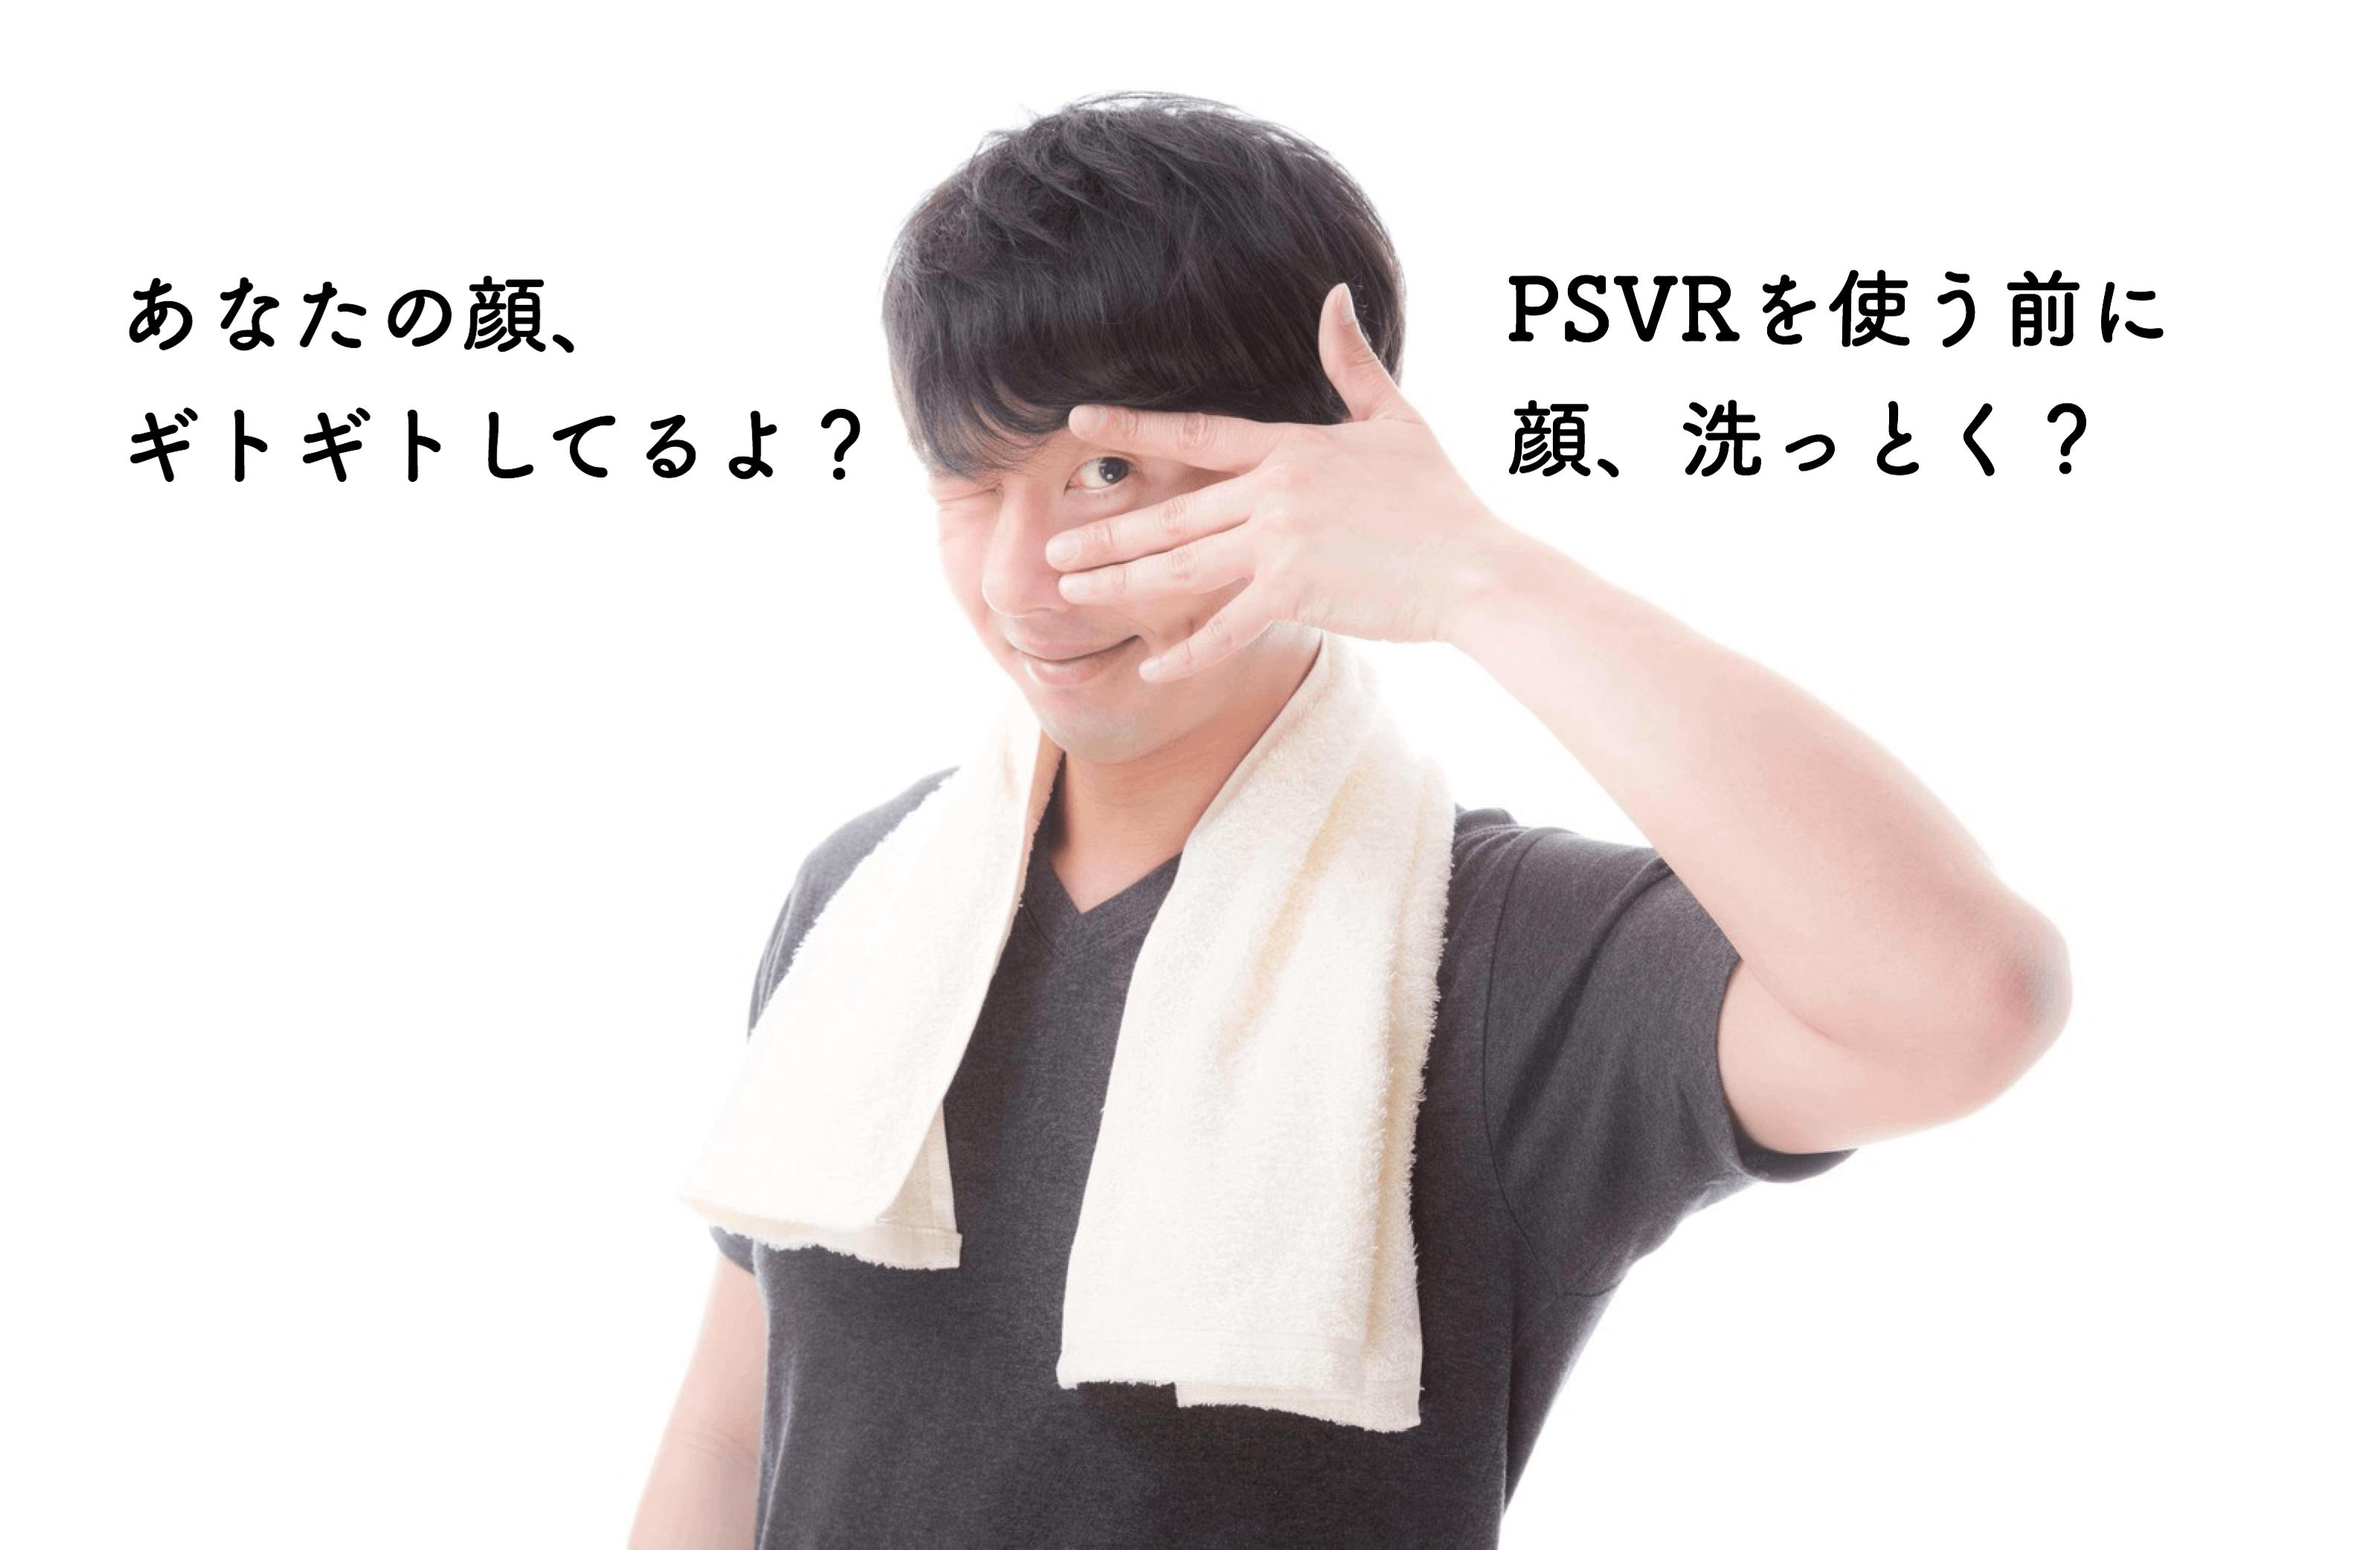 PSVR本体が汗や化粧で汚れないようにする方法